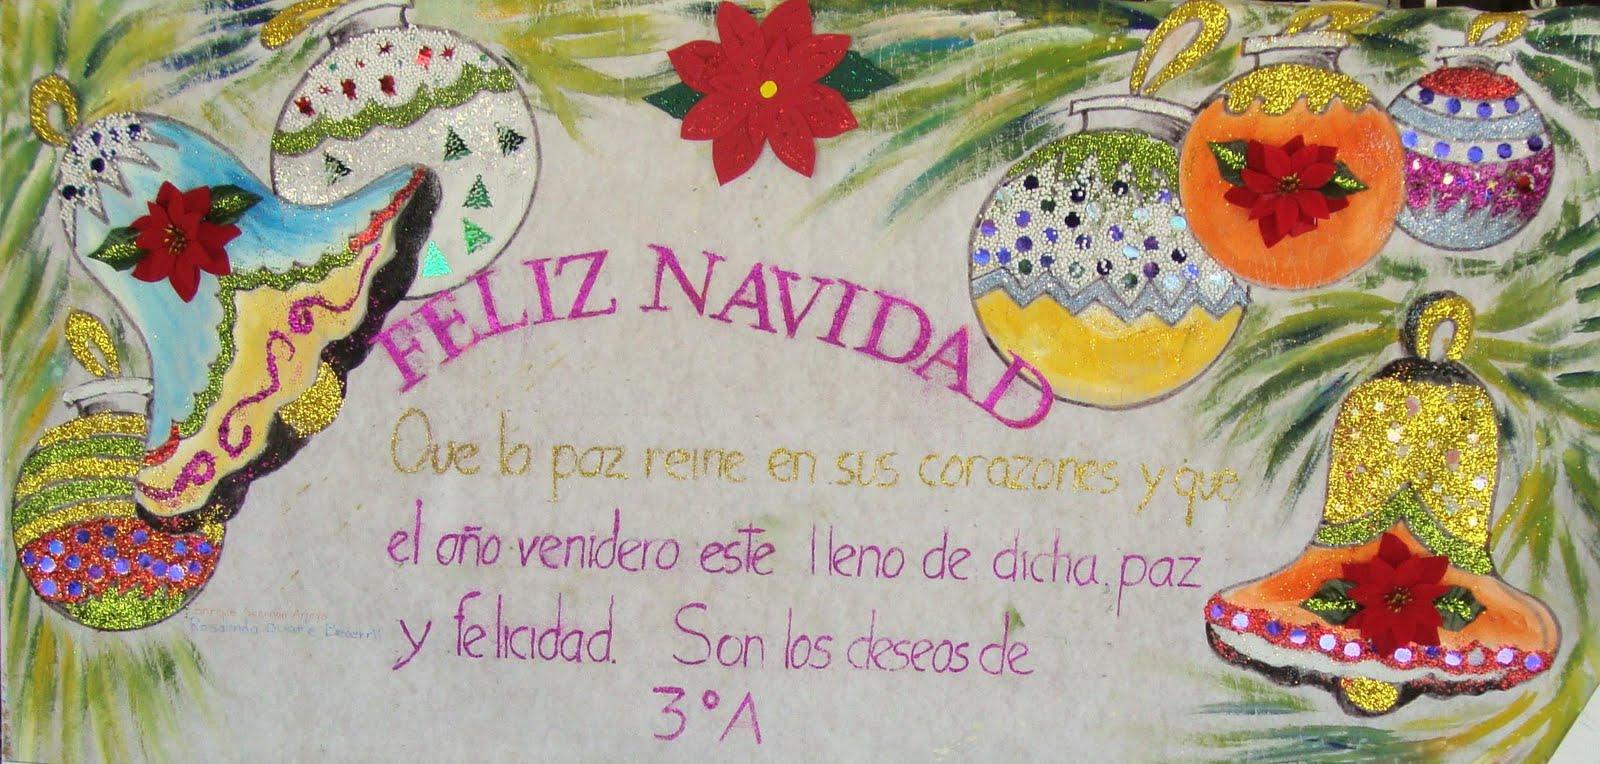 Nombre para mi periodico mural de historia peri 211 dico for Articulo de cultura para periodico mural